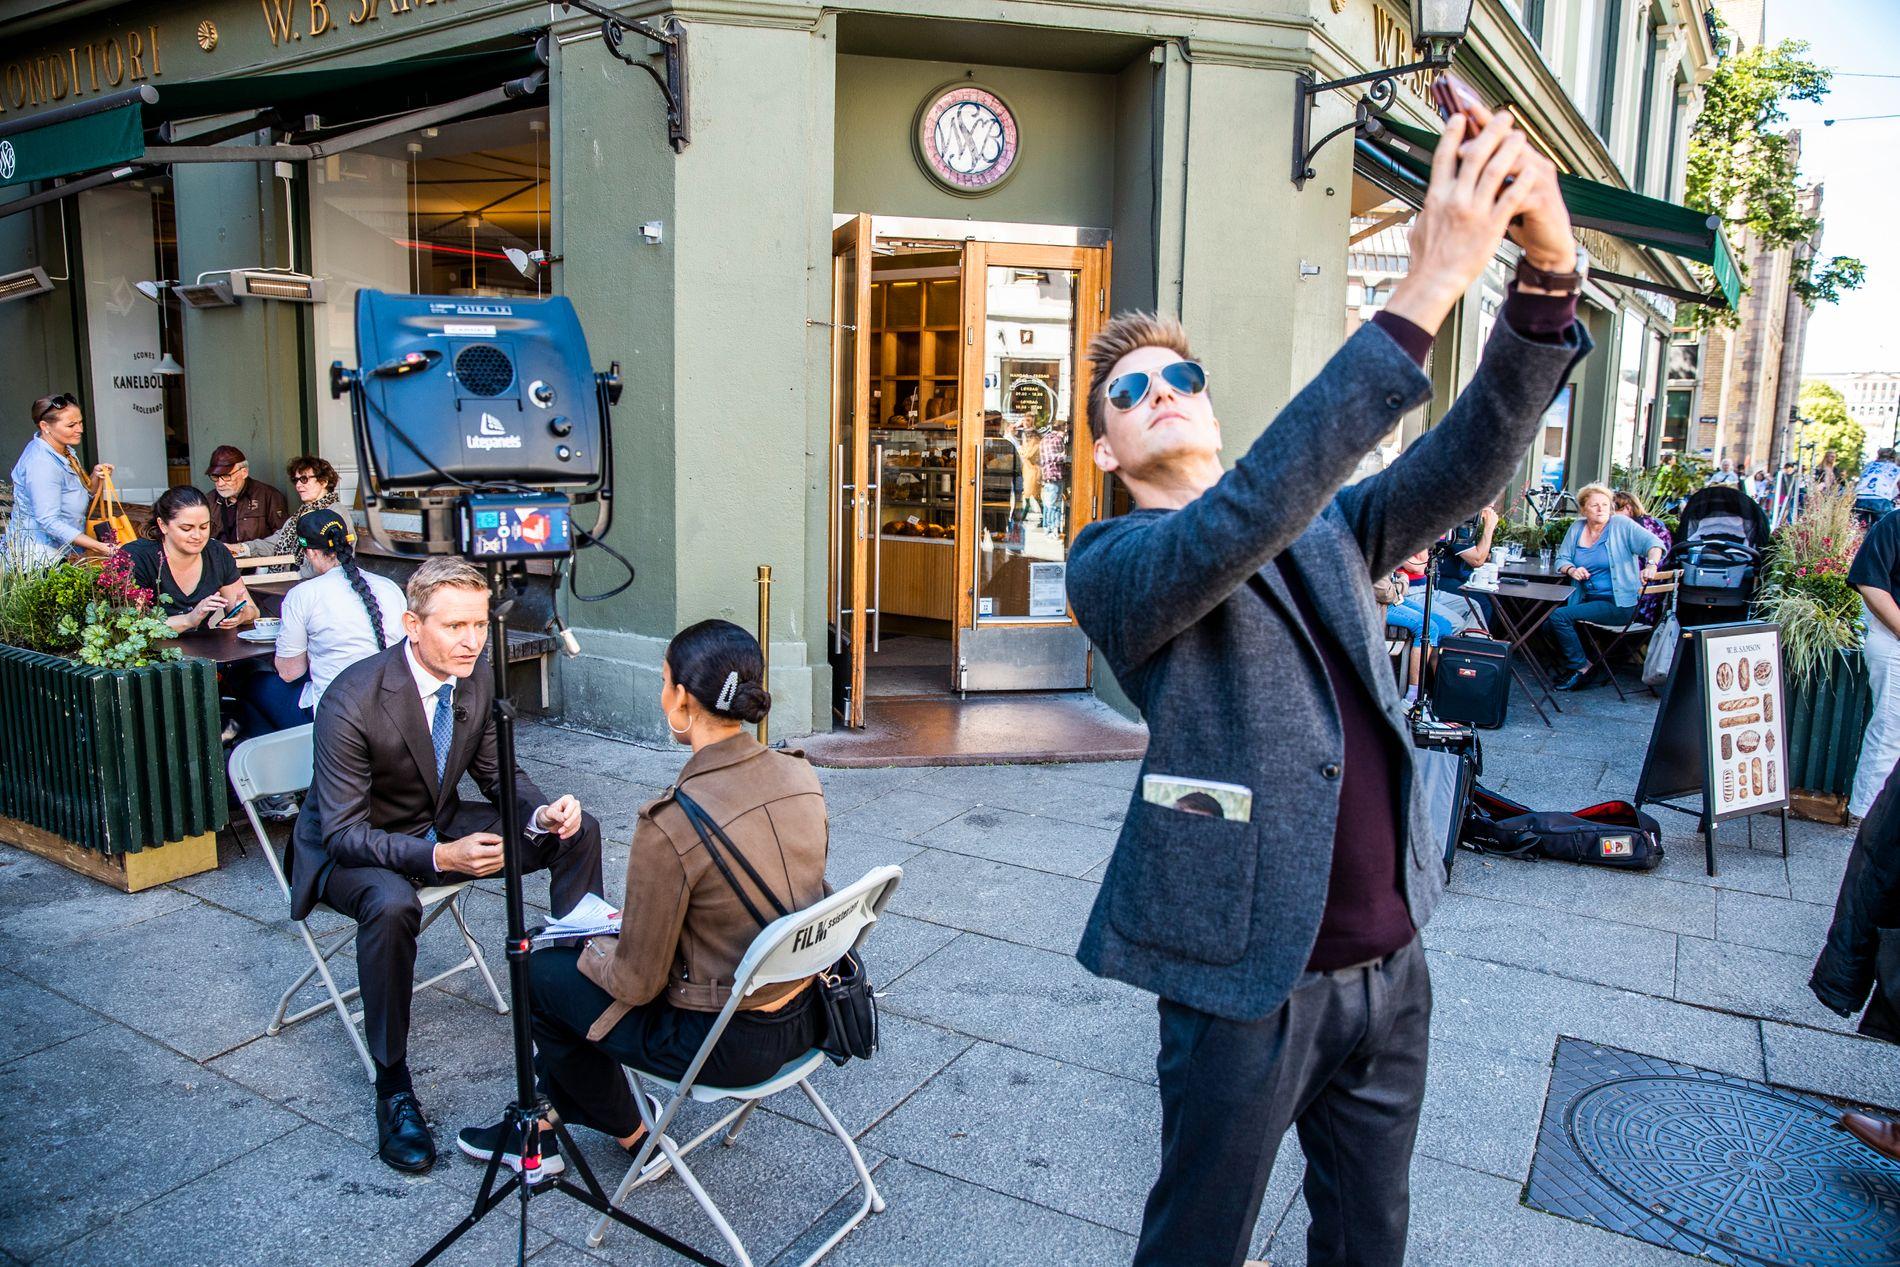 RIVALER: Mads Sjøgård Pettersen tar selfie mens Mestad blir intervjuet i bakgrunnen. Han spiller Jesper Bergs valgkamputfordrer, Petter Bjørnstad. – Problemet er at jeg hadde stemt på ham selv, sier Pettersen og peker på Mestad.